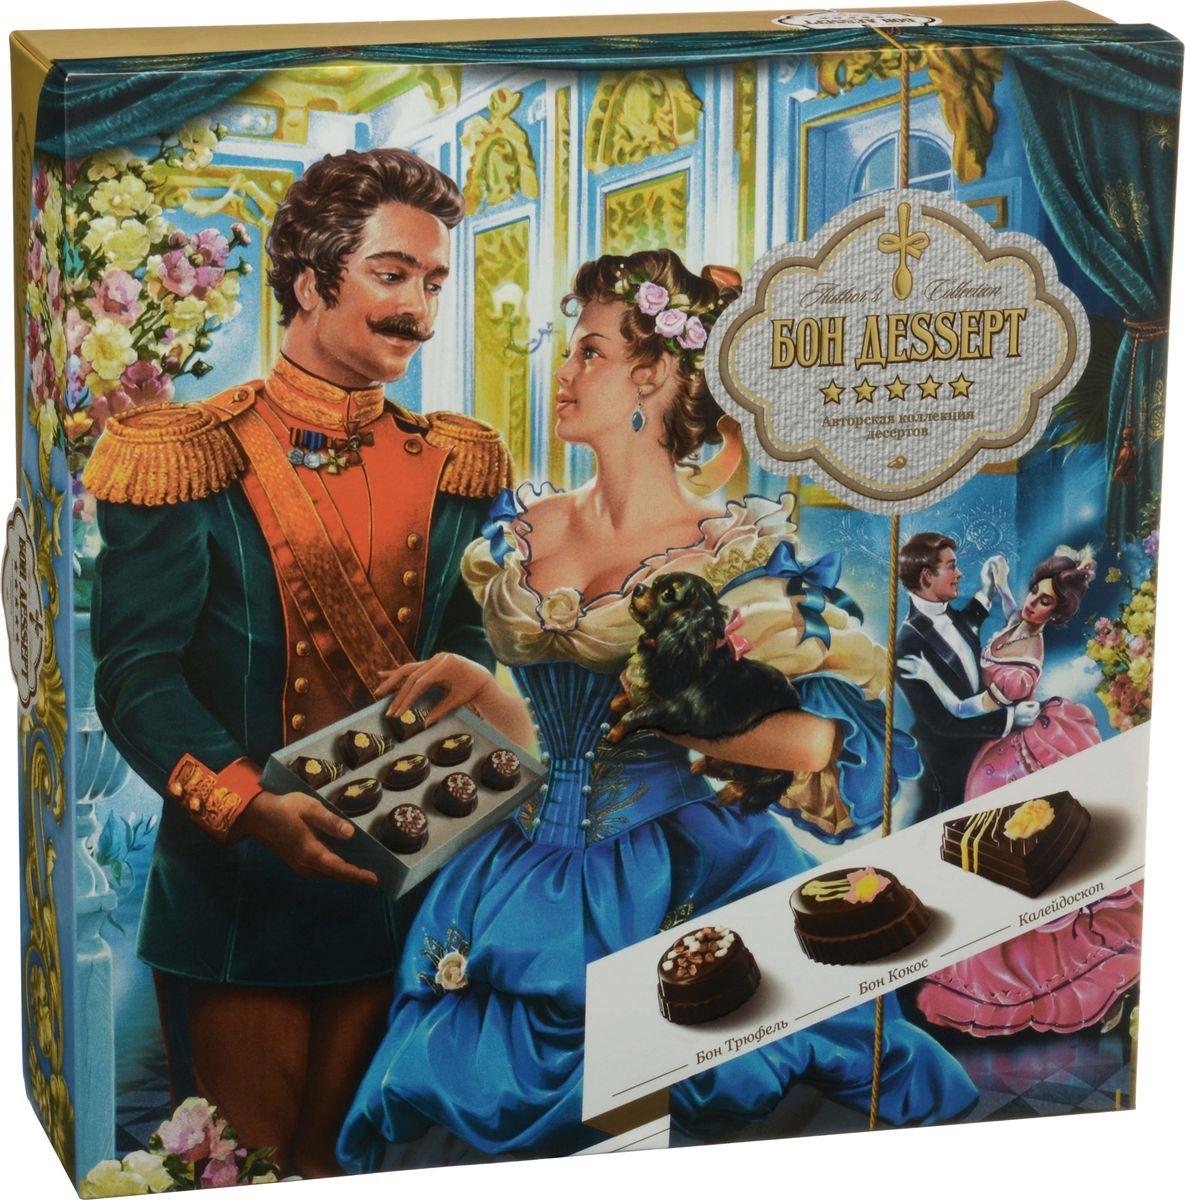 Бон Деssерт ассорти шоколадных конфет-десертов ручной работы На балу, 230 г tomer набор шоколадных конфет tomer ассорти лесной орех 250г